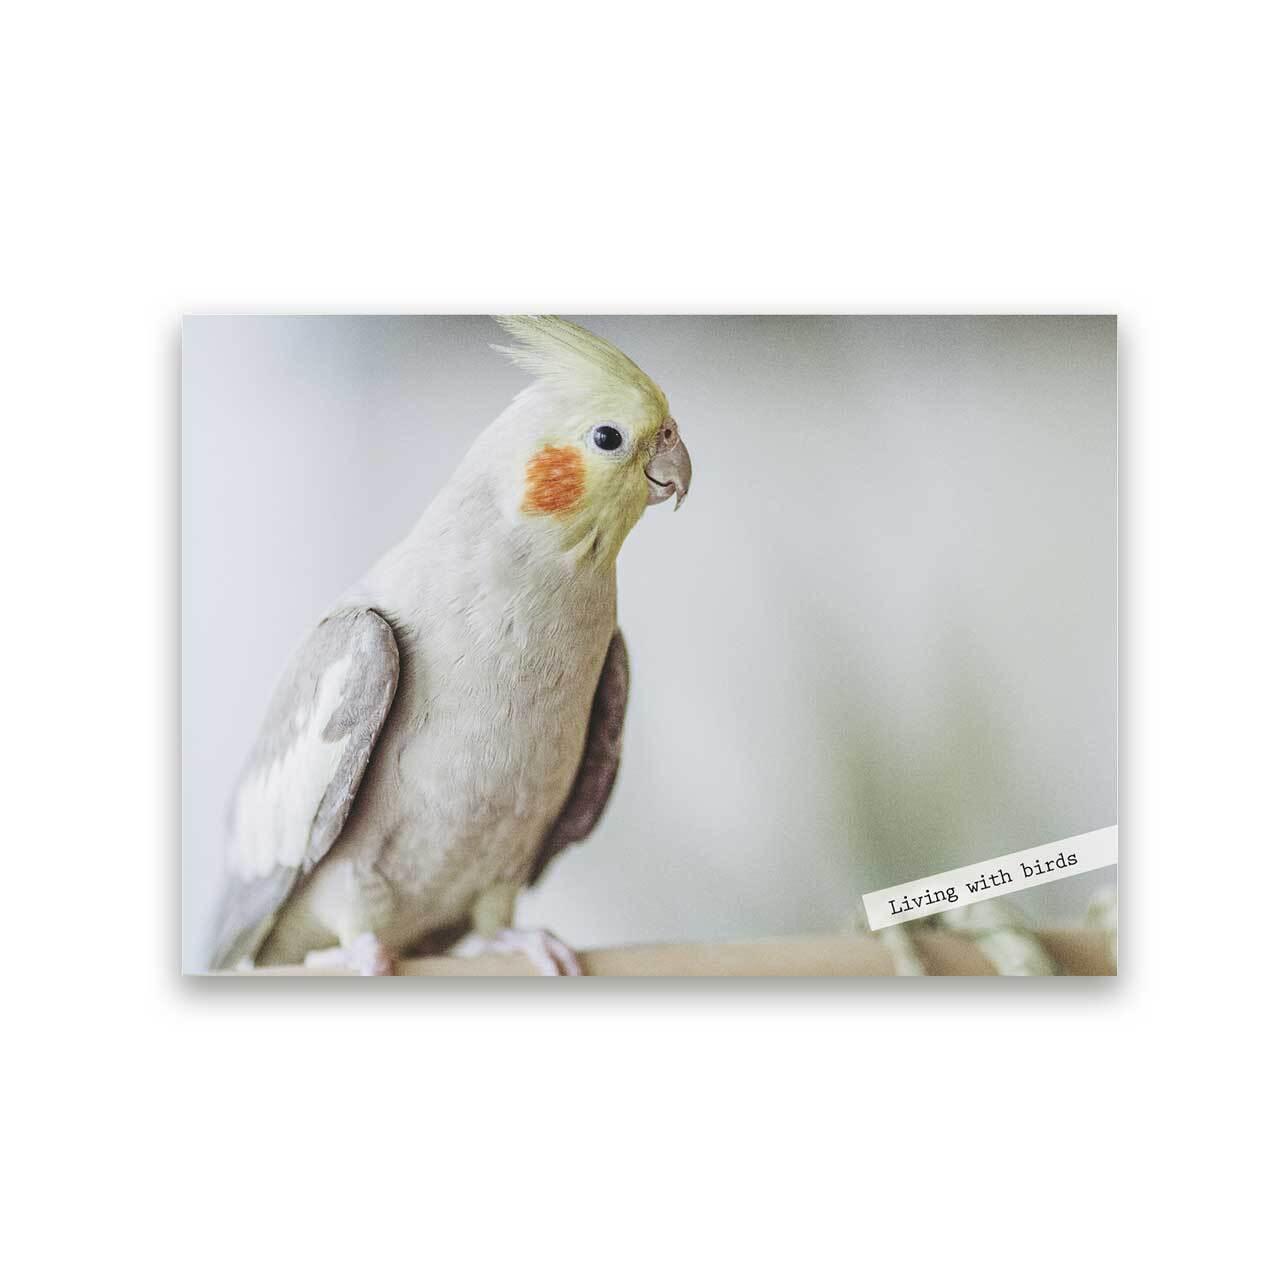 好きな写真でつくるフォトポスター「1shot bird」(横)